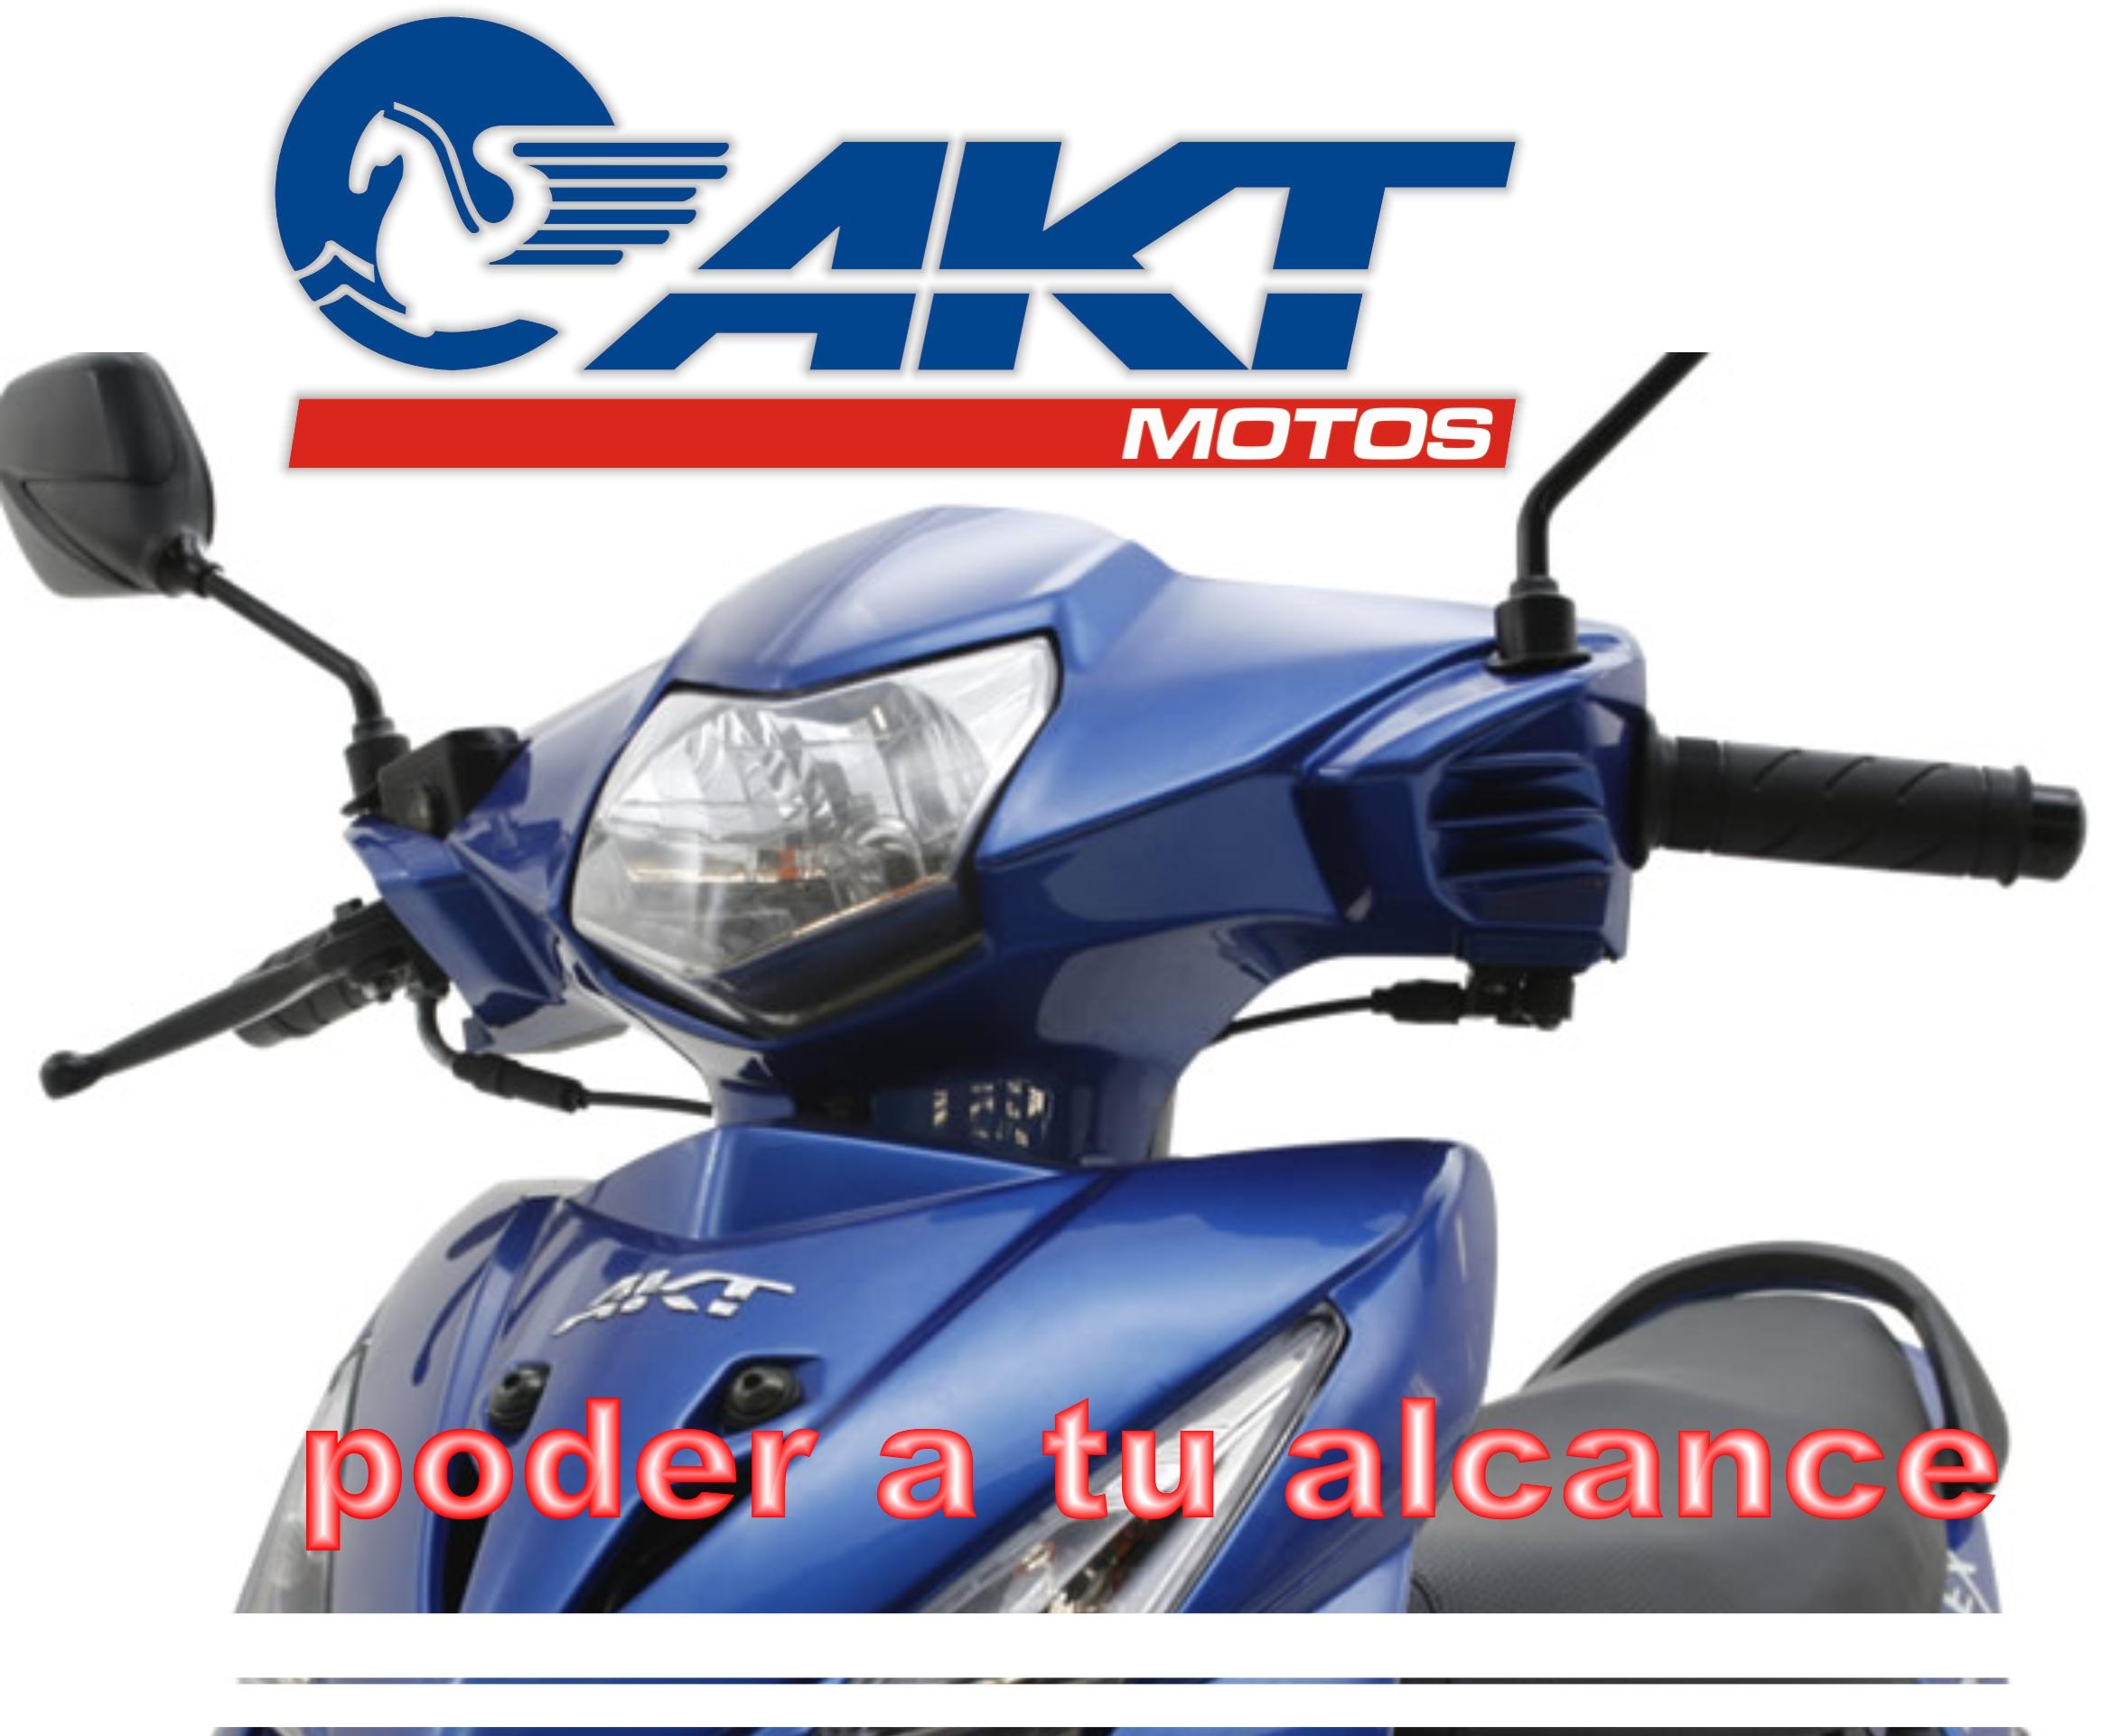 Akt Motos, Poder a tu alcance